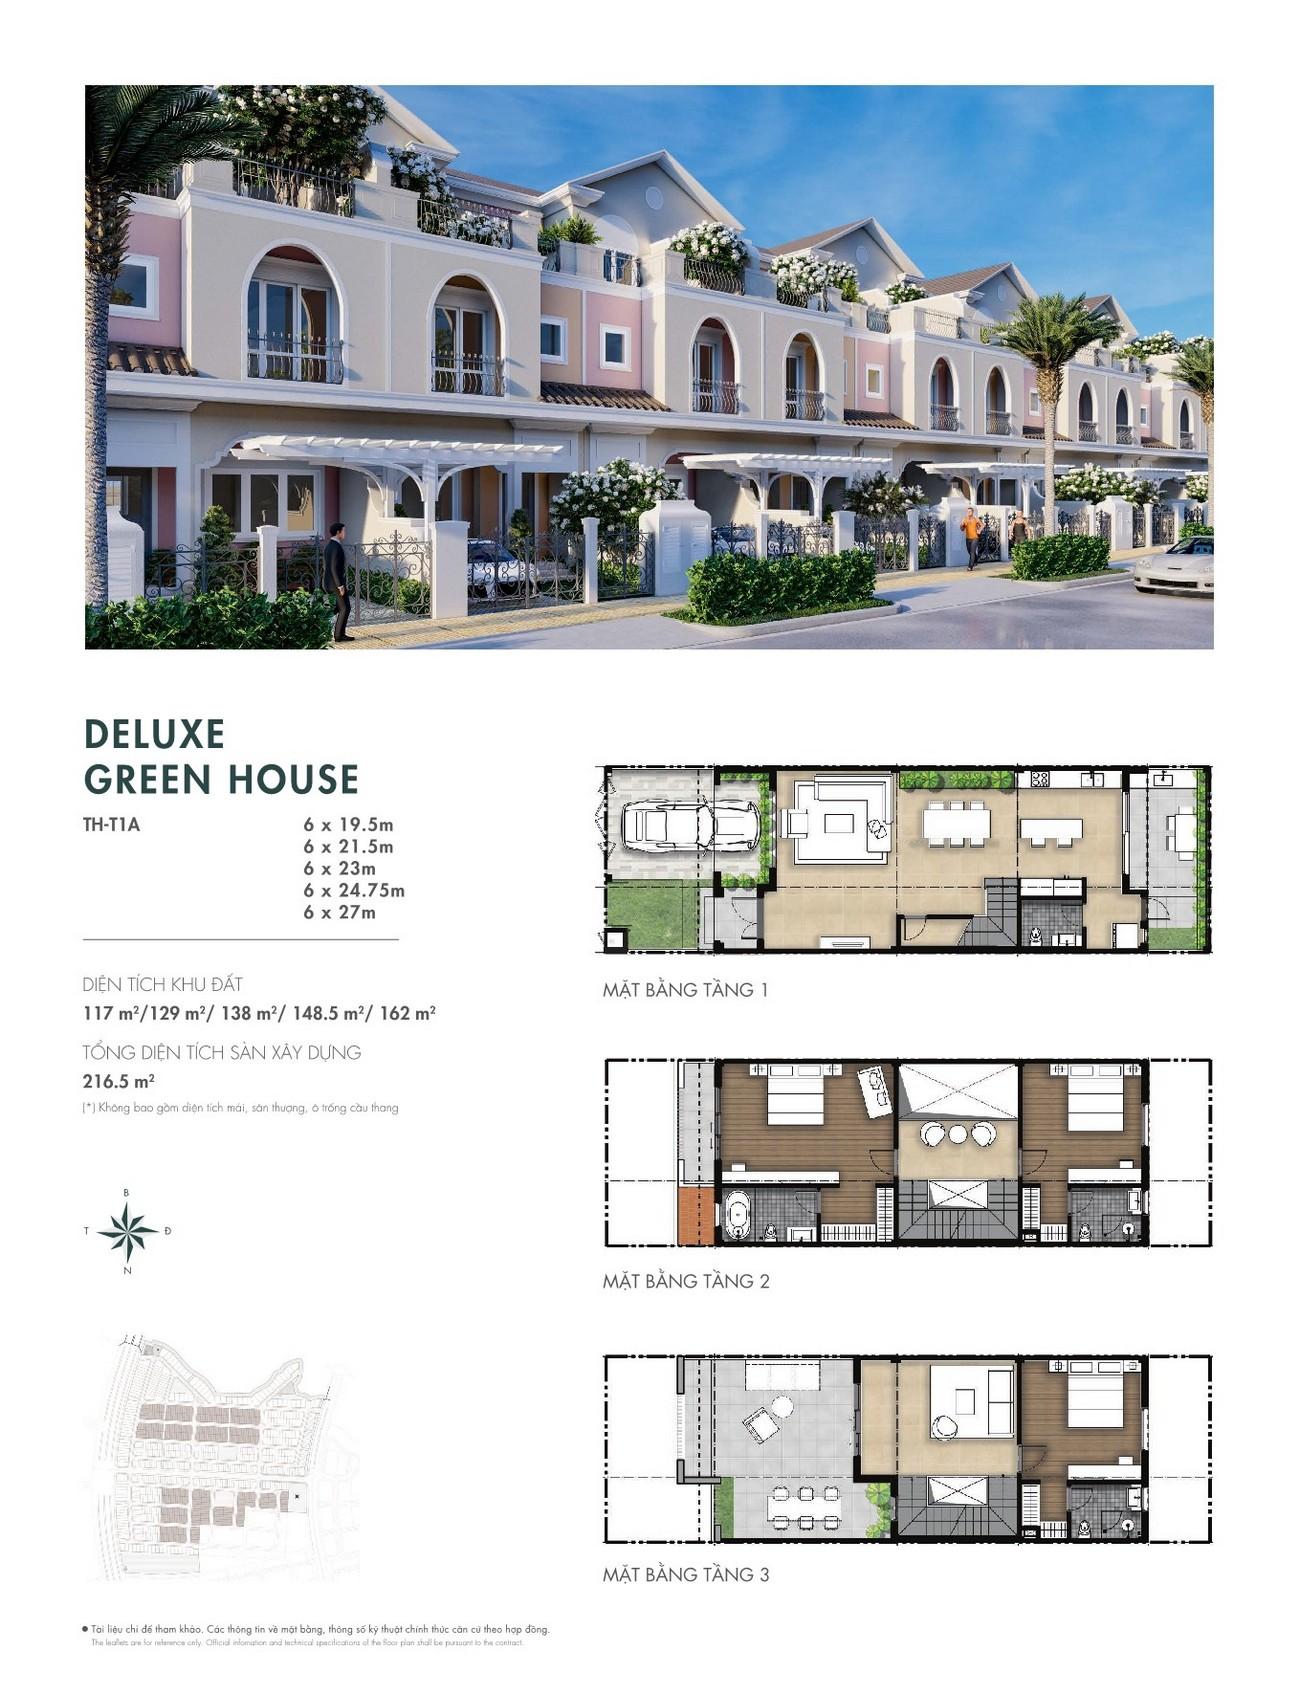 Thiết kế Deluxe Green House dự án nhà phố Aqua City The River Park 1 TP. Biên Hòa Đường Ngô Quyền nhà phát triển Novaland